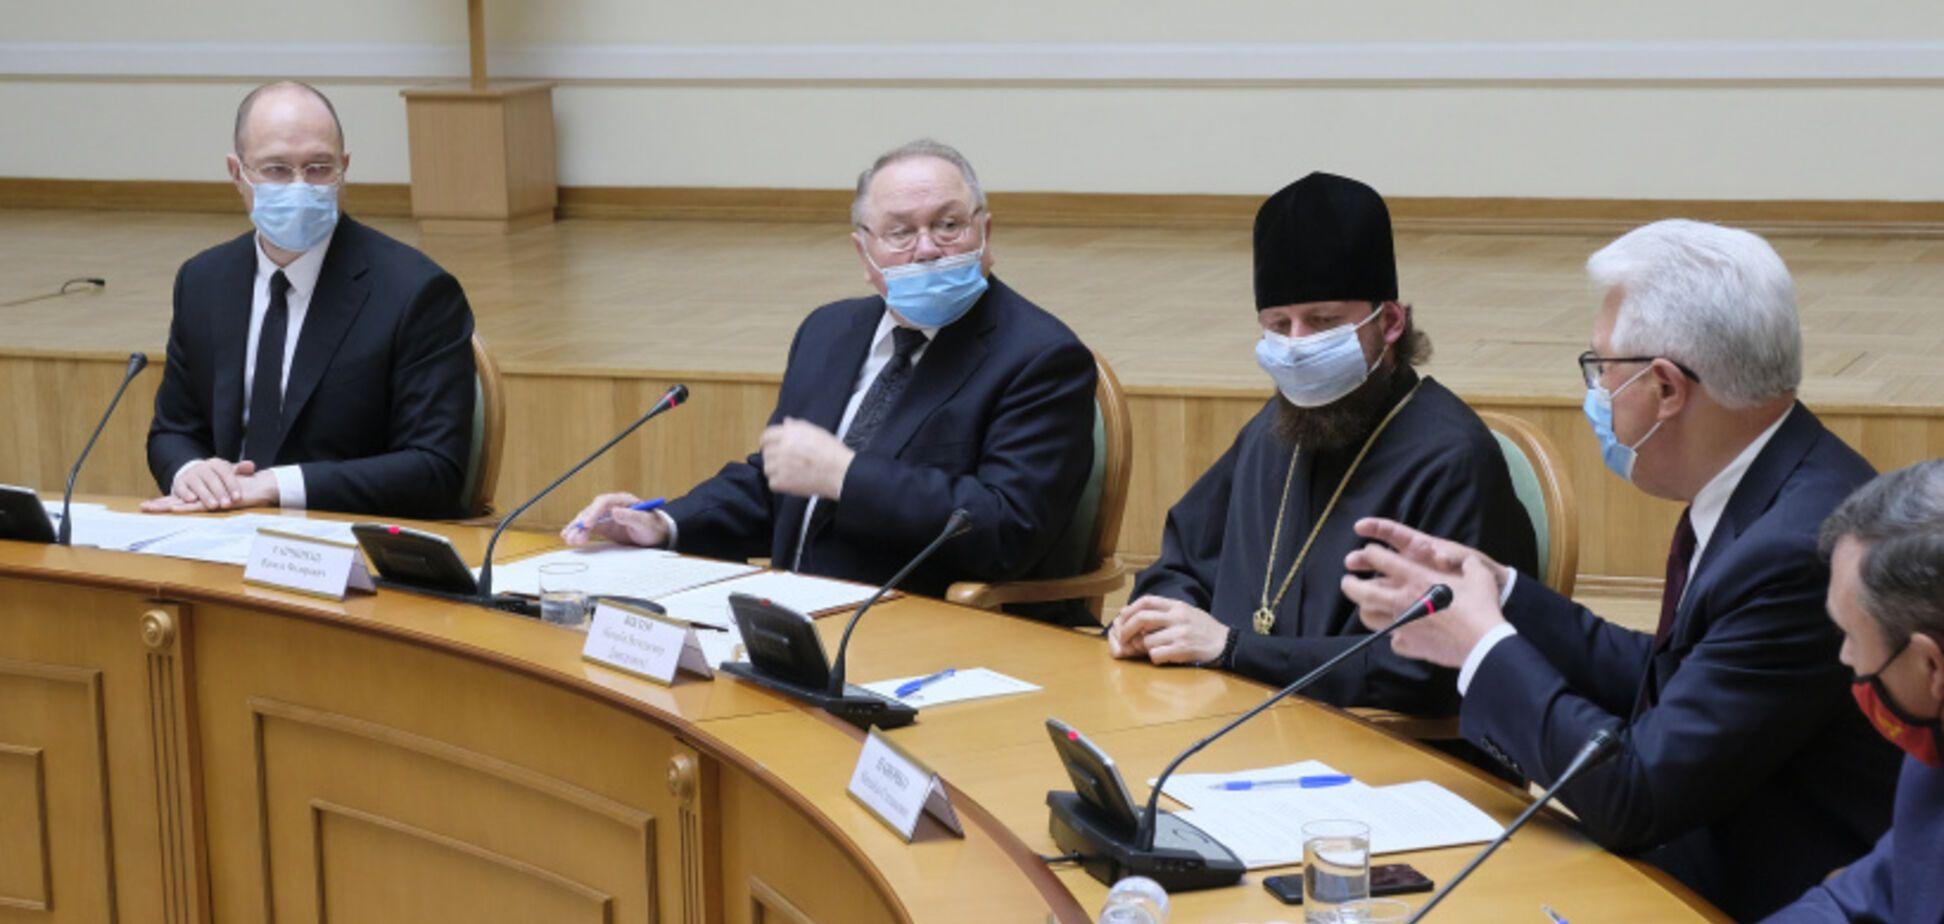 Шмыгаль обсудил смягчение карантина с лидерами церквей